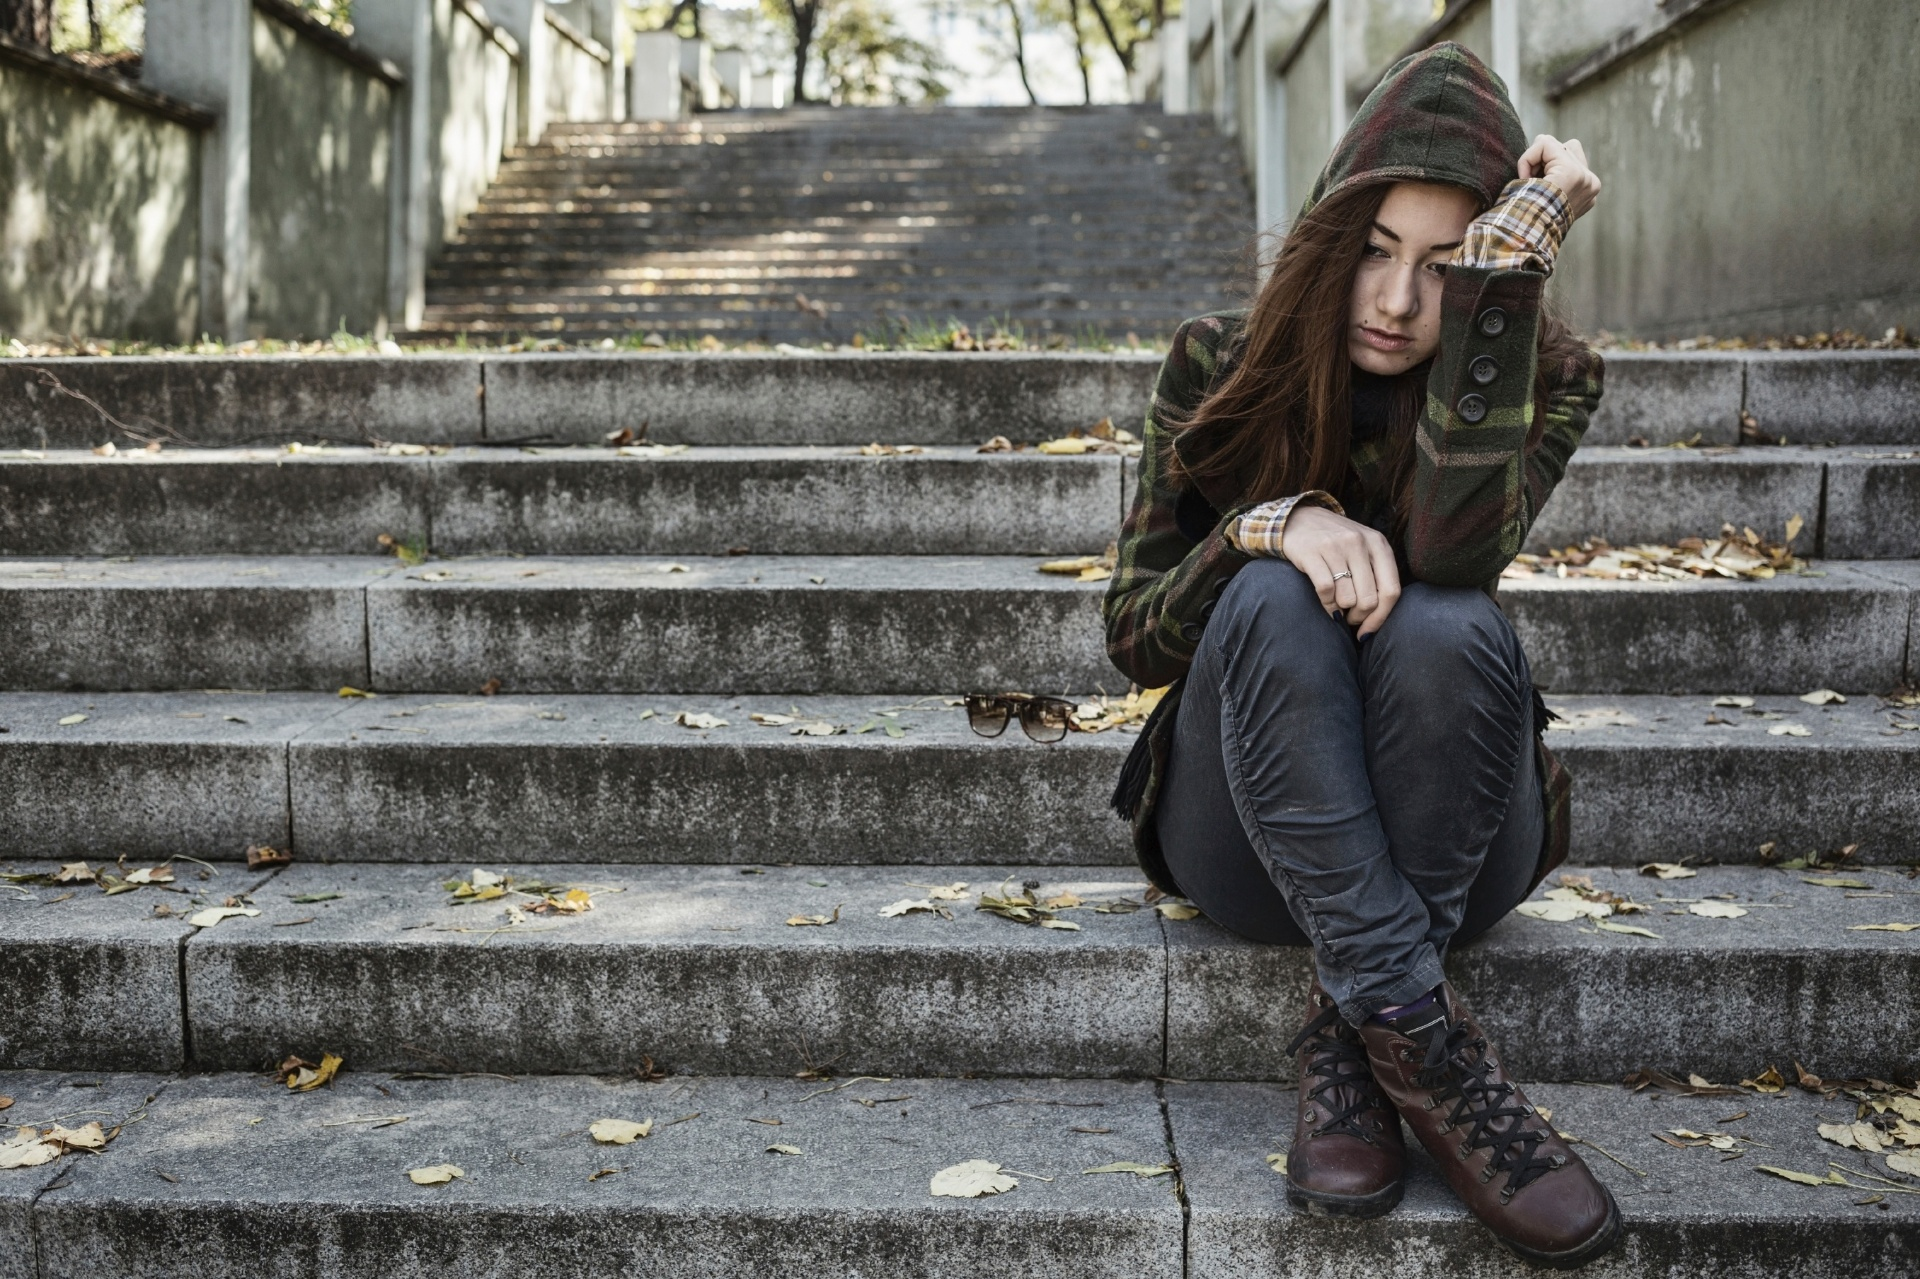 Depressao Na Adolescencia Nao E Frescura Conheca 11 Sinais 12